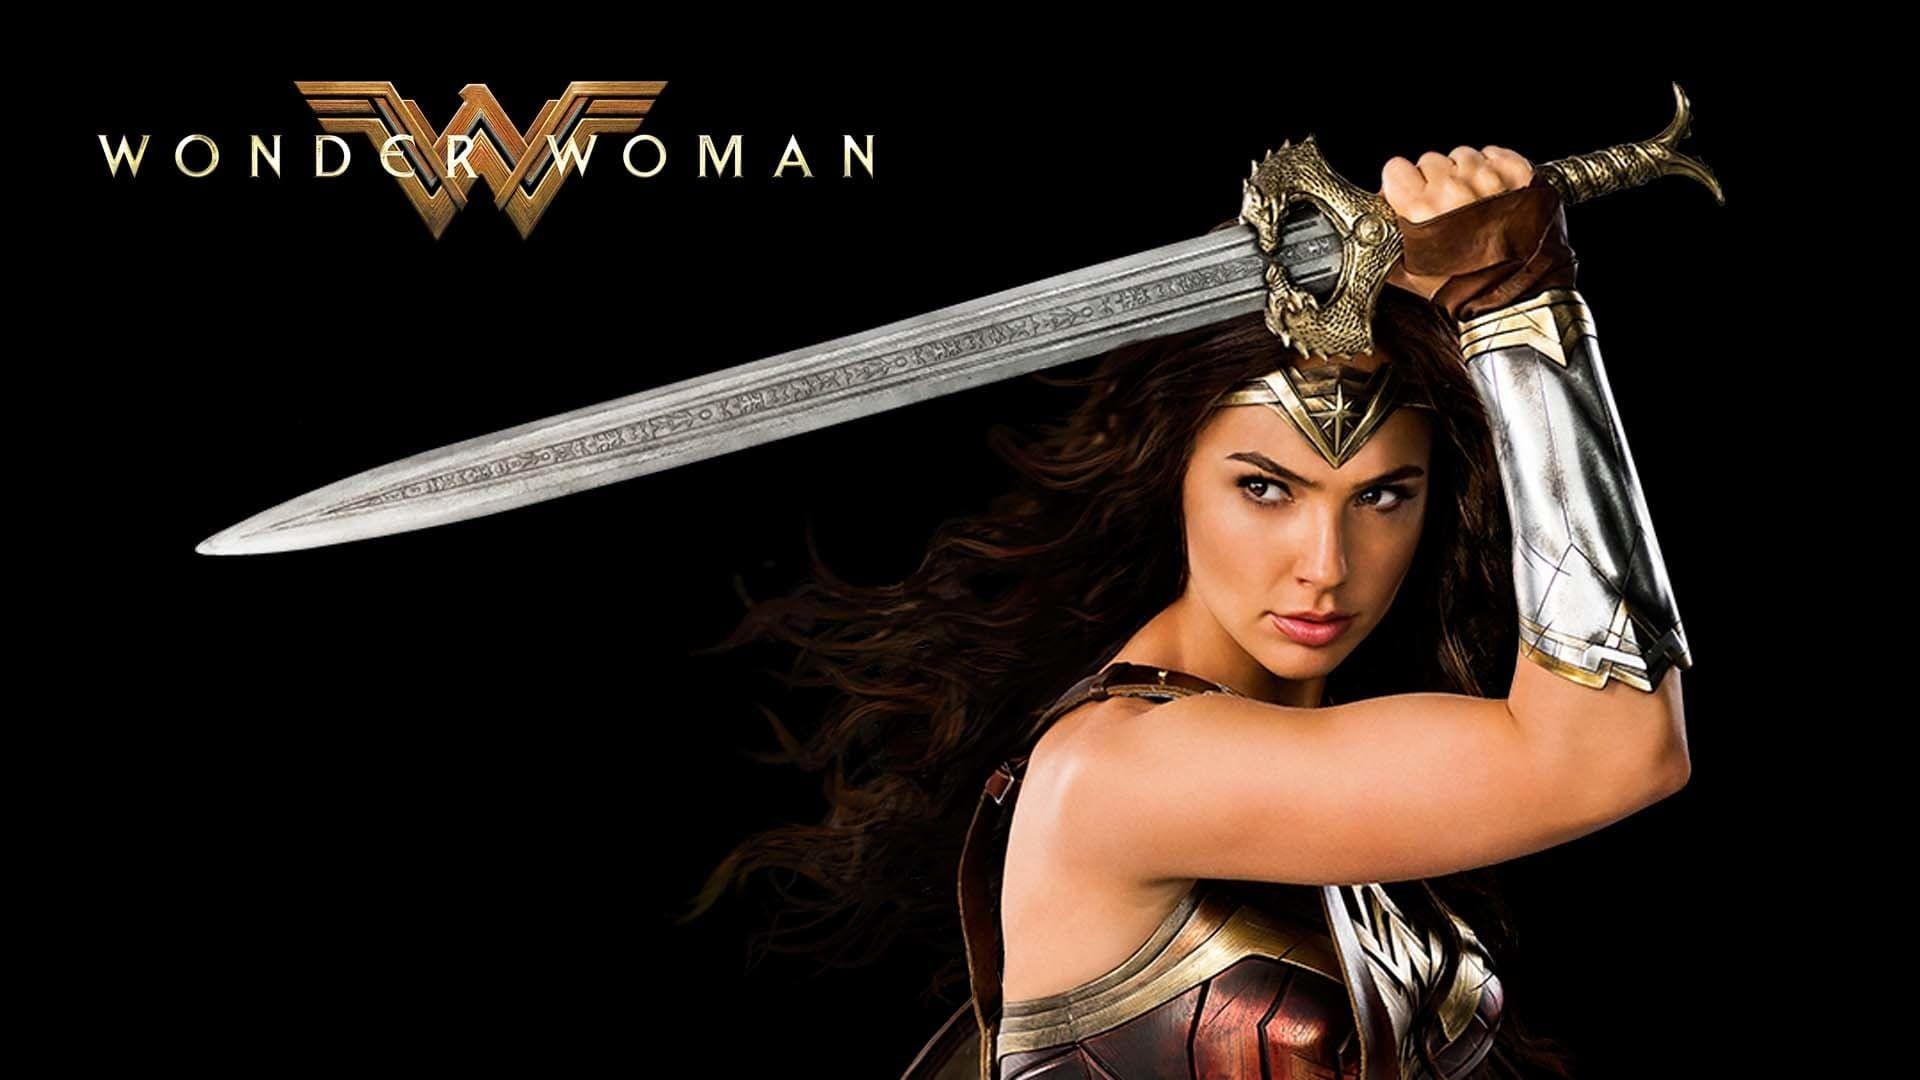 Wonder Woman 2017 Ganzer Film Deutsch Komplett Kino Wonder Woman 2017complete Film Deutsch Wonder Woman Onl Wonder Woman Movies Online Full Movies Online Free